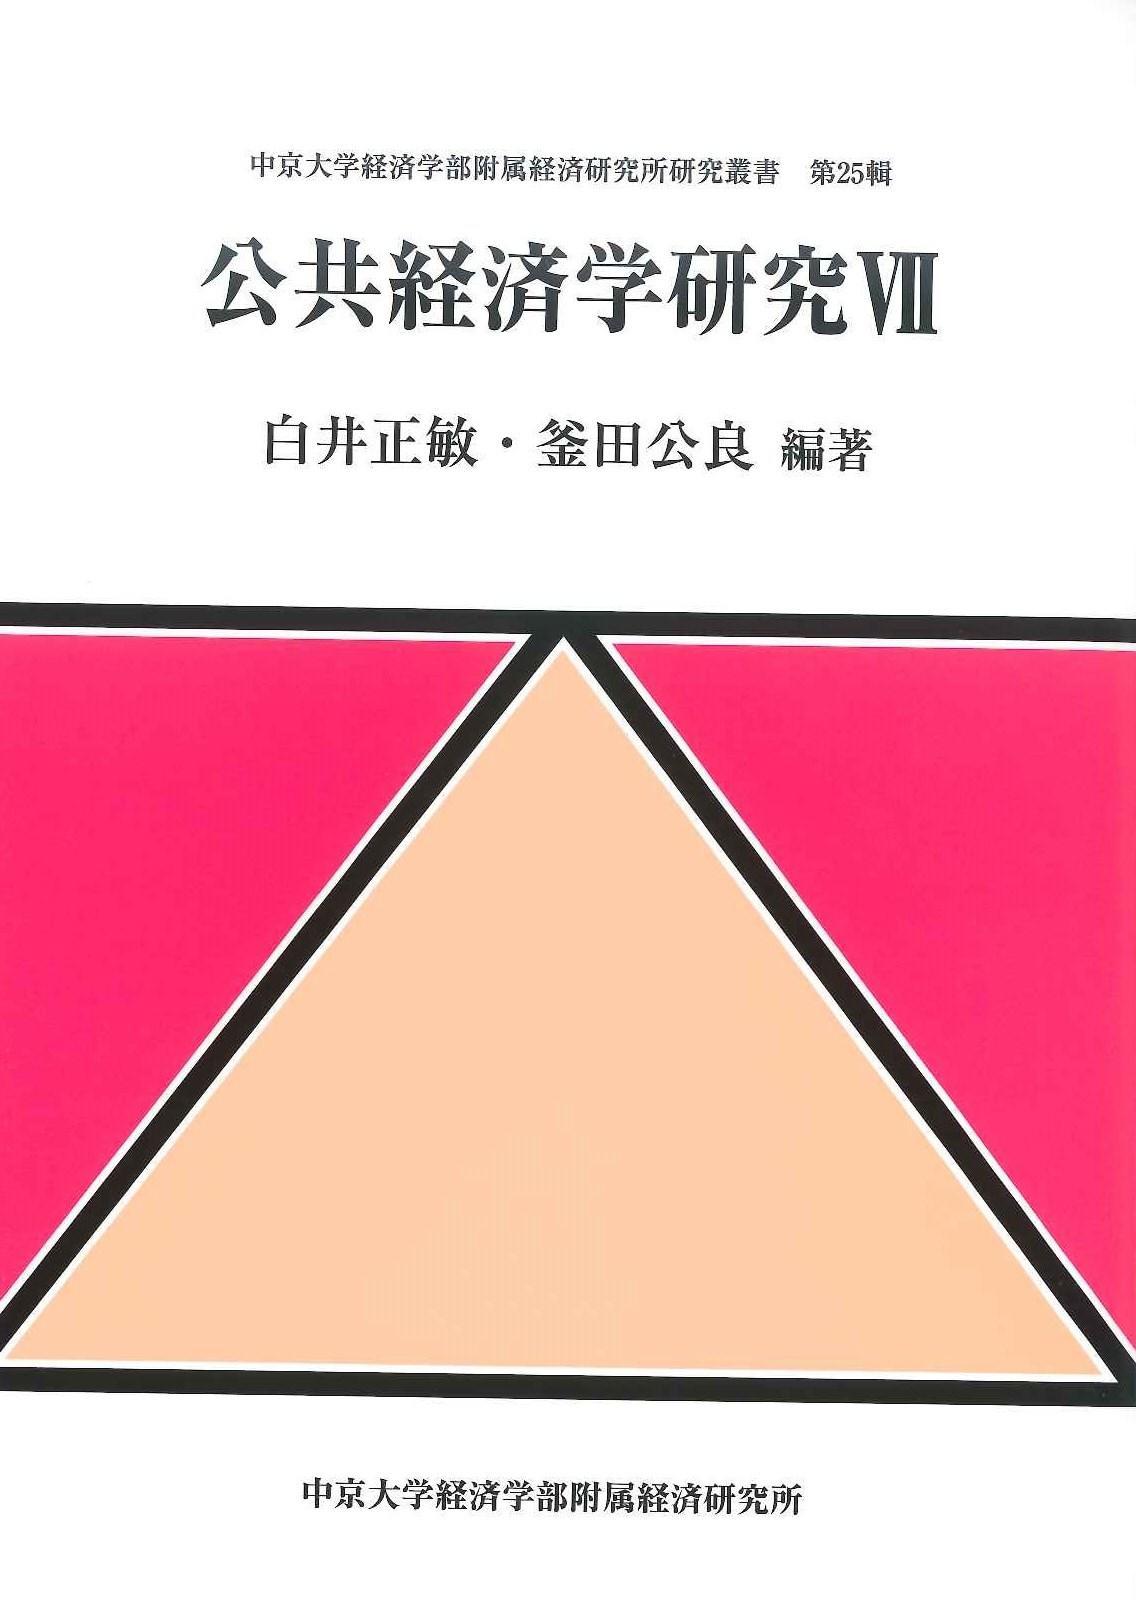 経済学部附属経済研究所研究叢書 第25輯